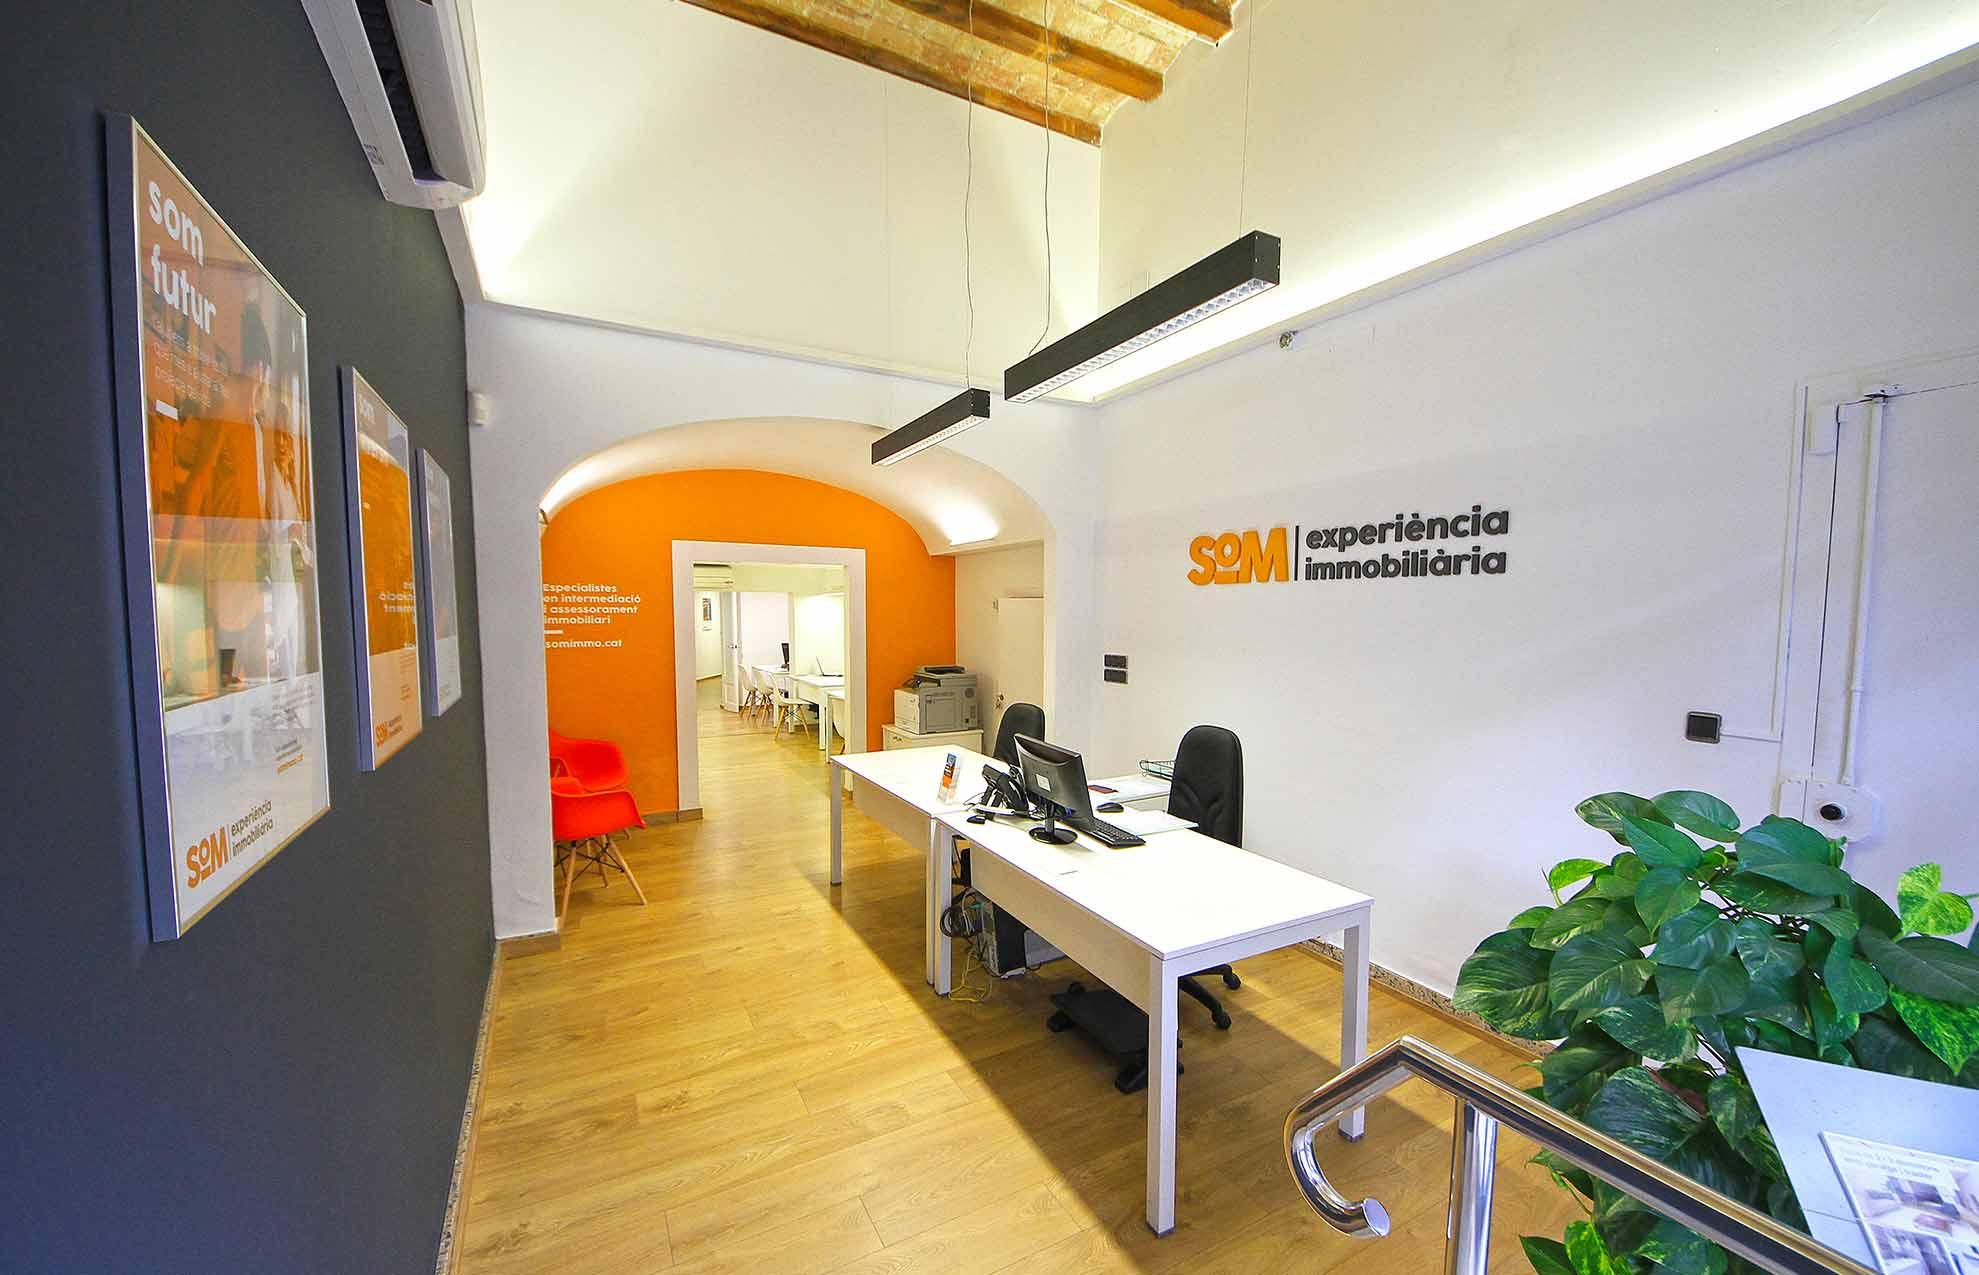 sesiones fotografia para comunicacion barcelona - Mediactiu, el estudio de fotografía que tú y tu negocio necesitáis